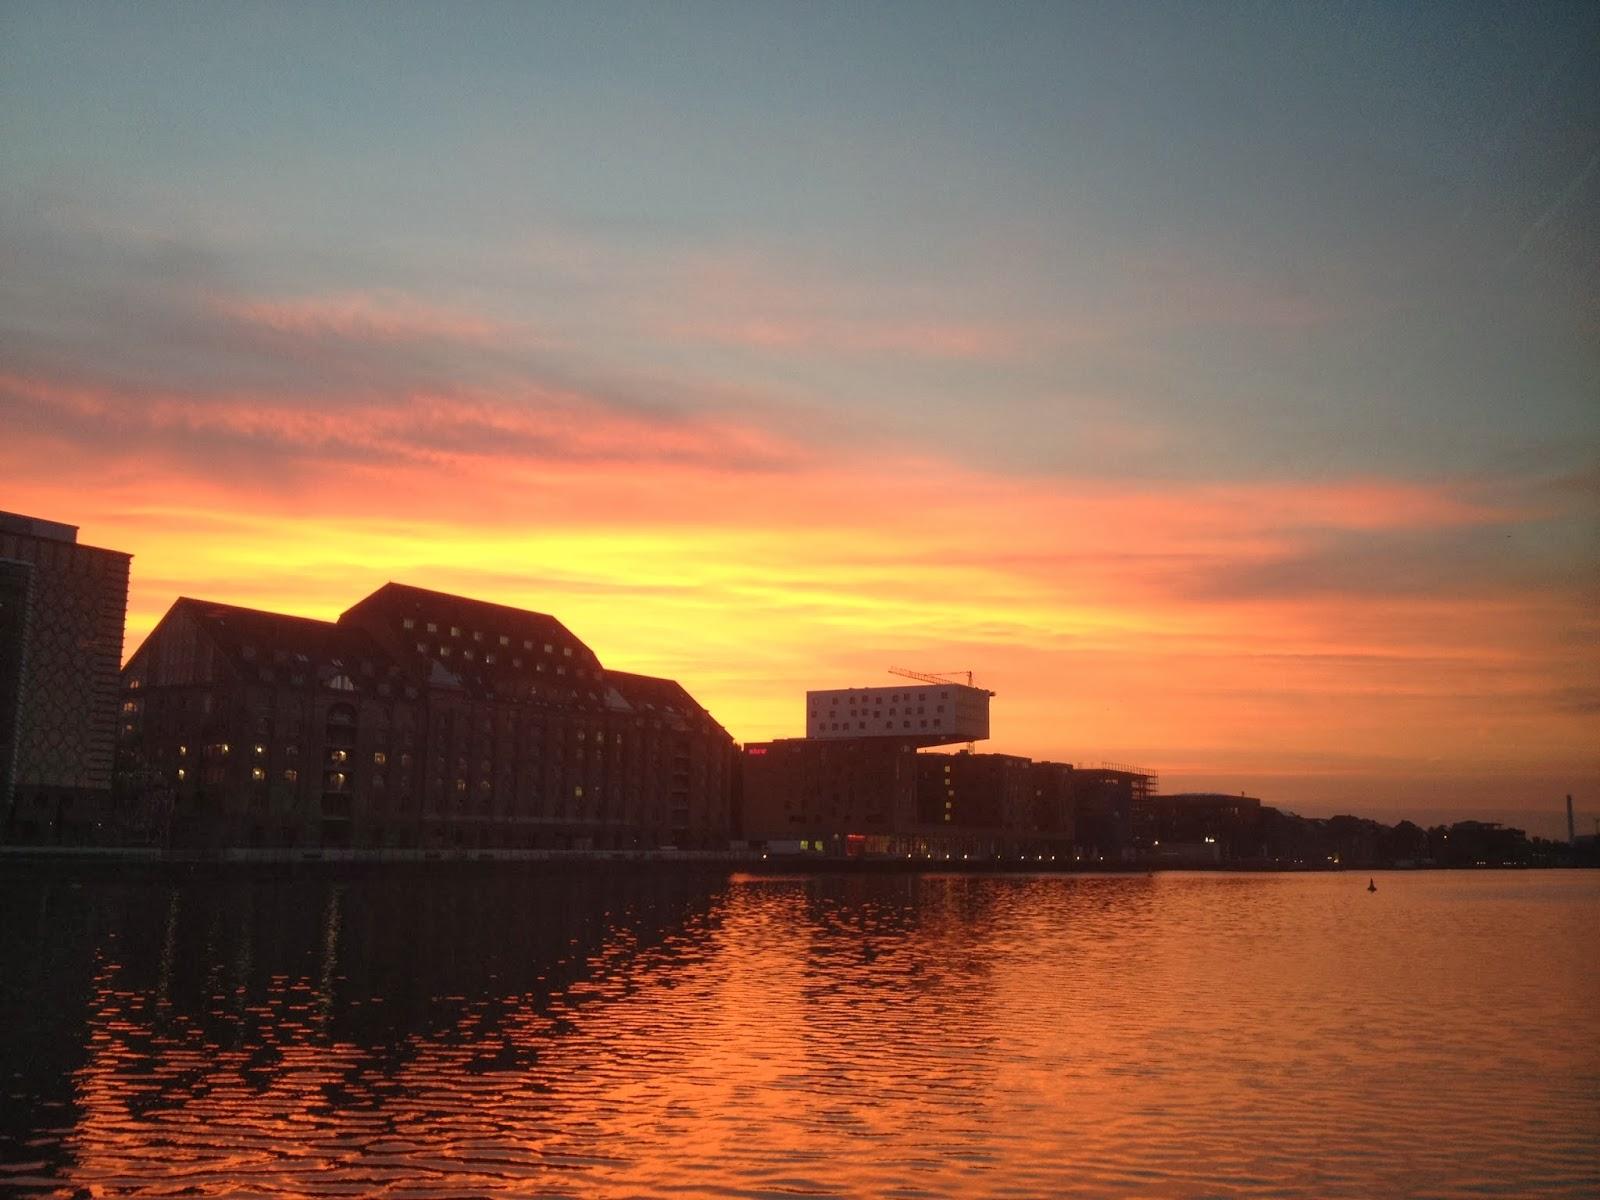 Sunrise at Watergate Club in Berlin